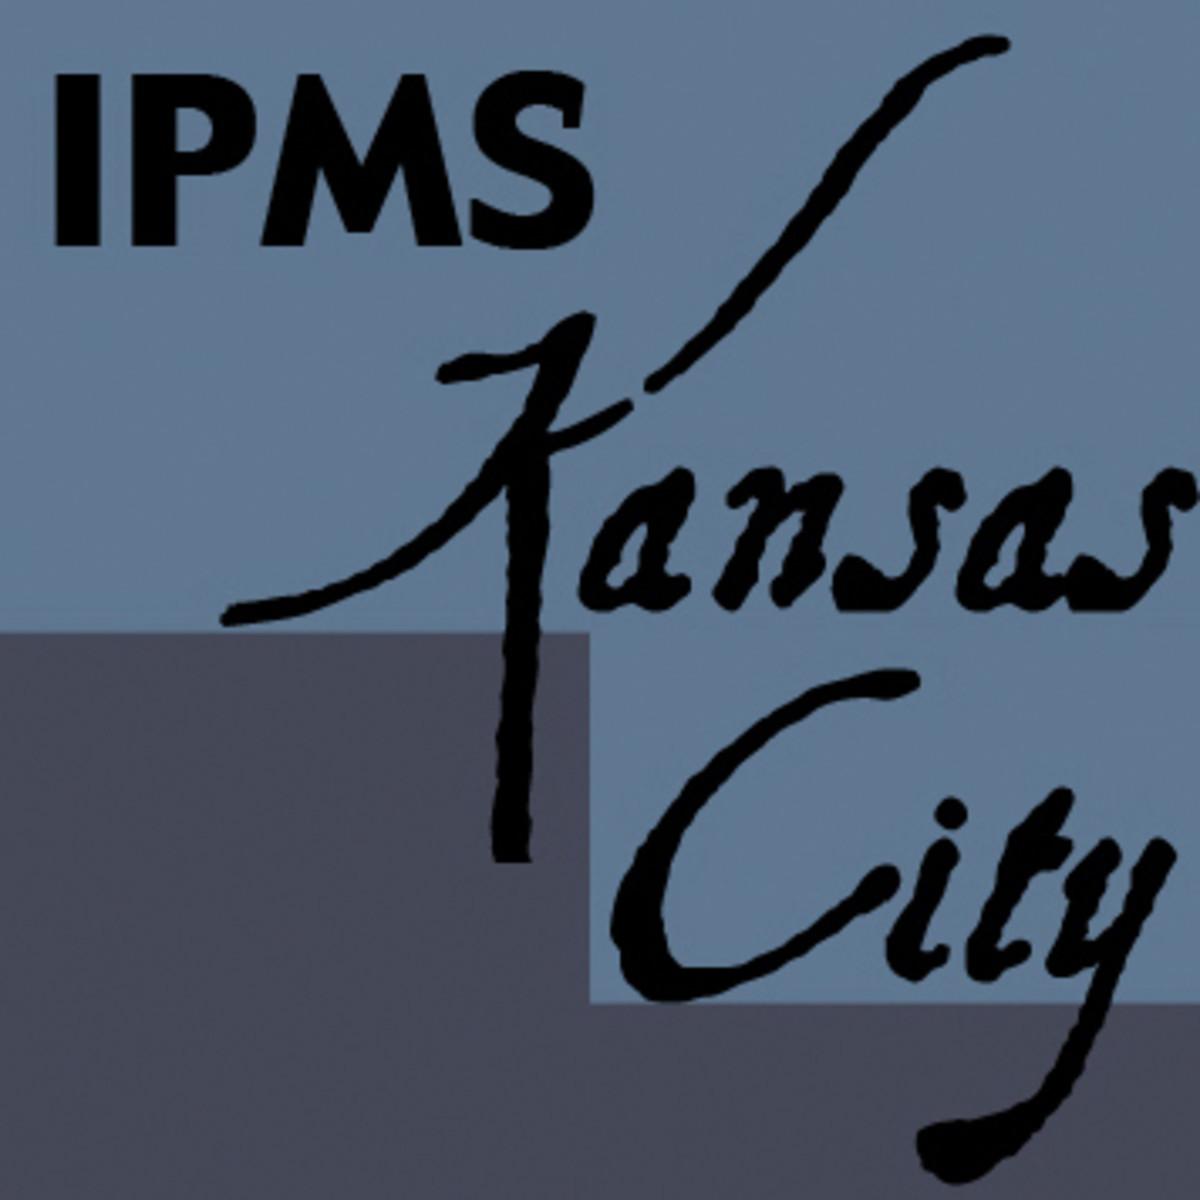 IPMSspeakers0319